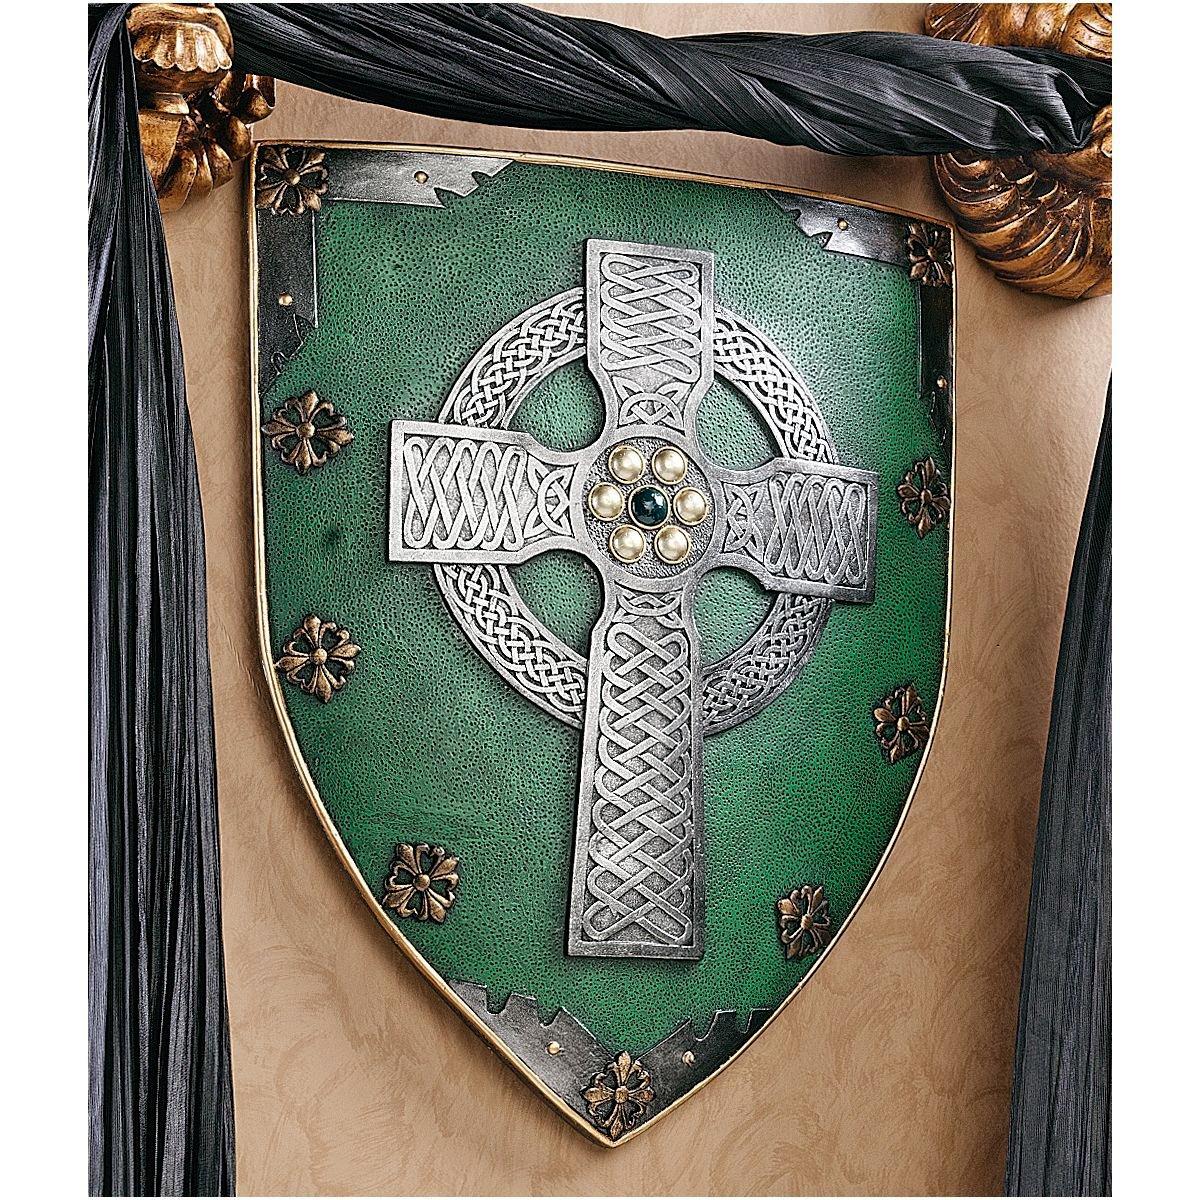 Amazon.com: Design Toscano Celtic Warriors Sculptural Wall Shield ...